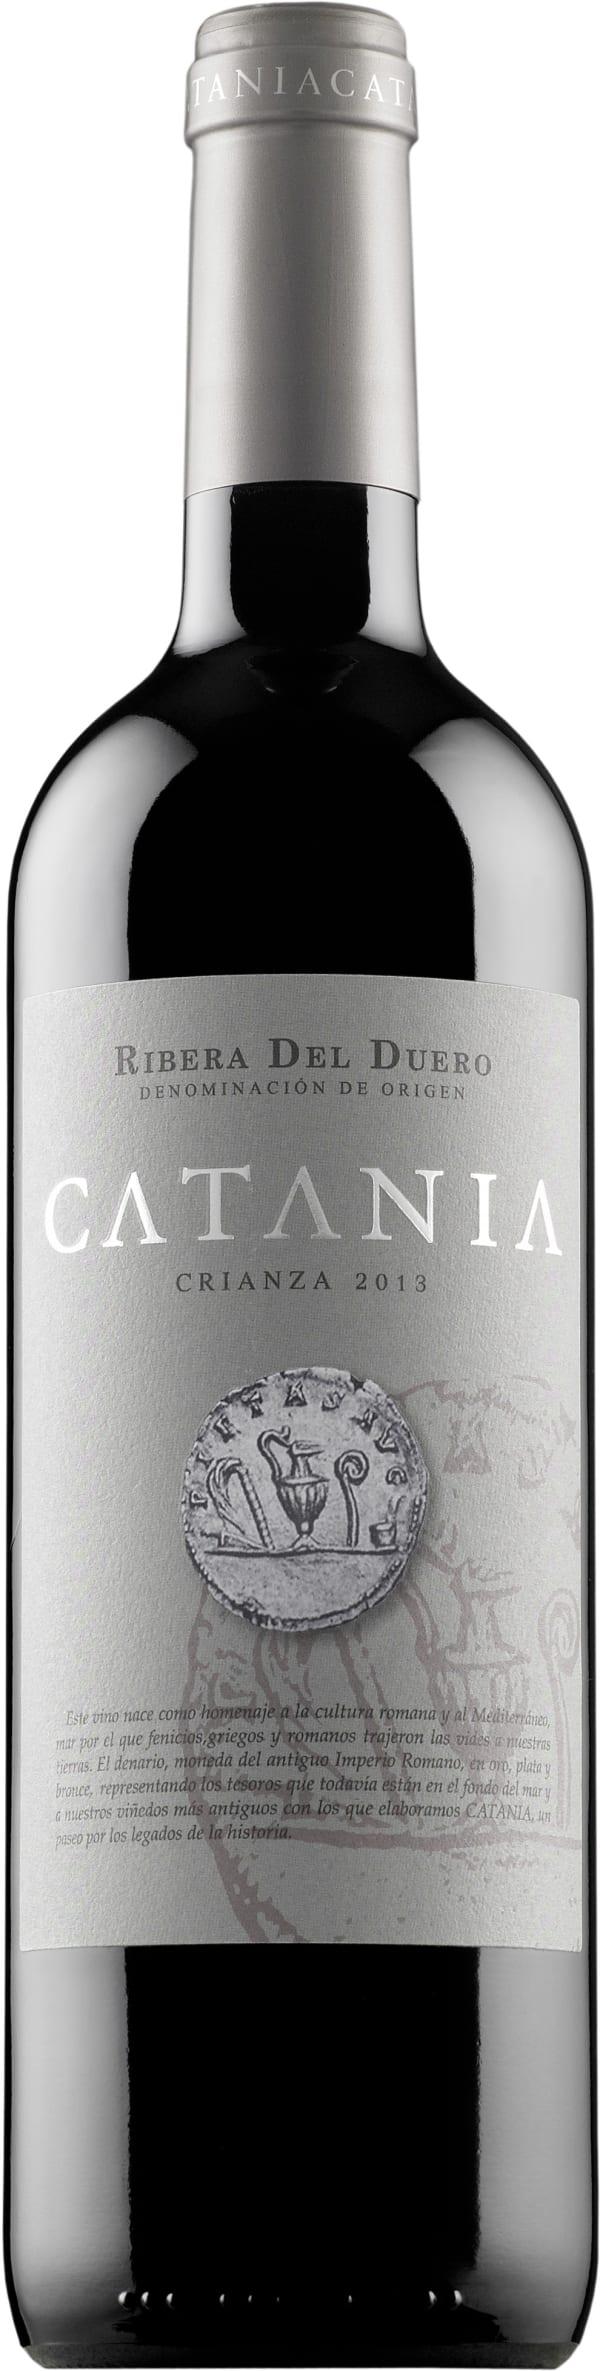 Catania Crianza 2015